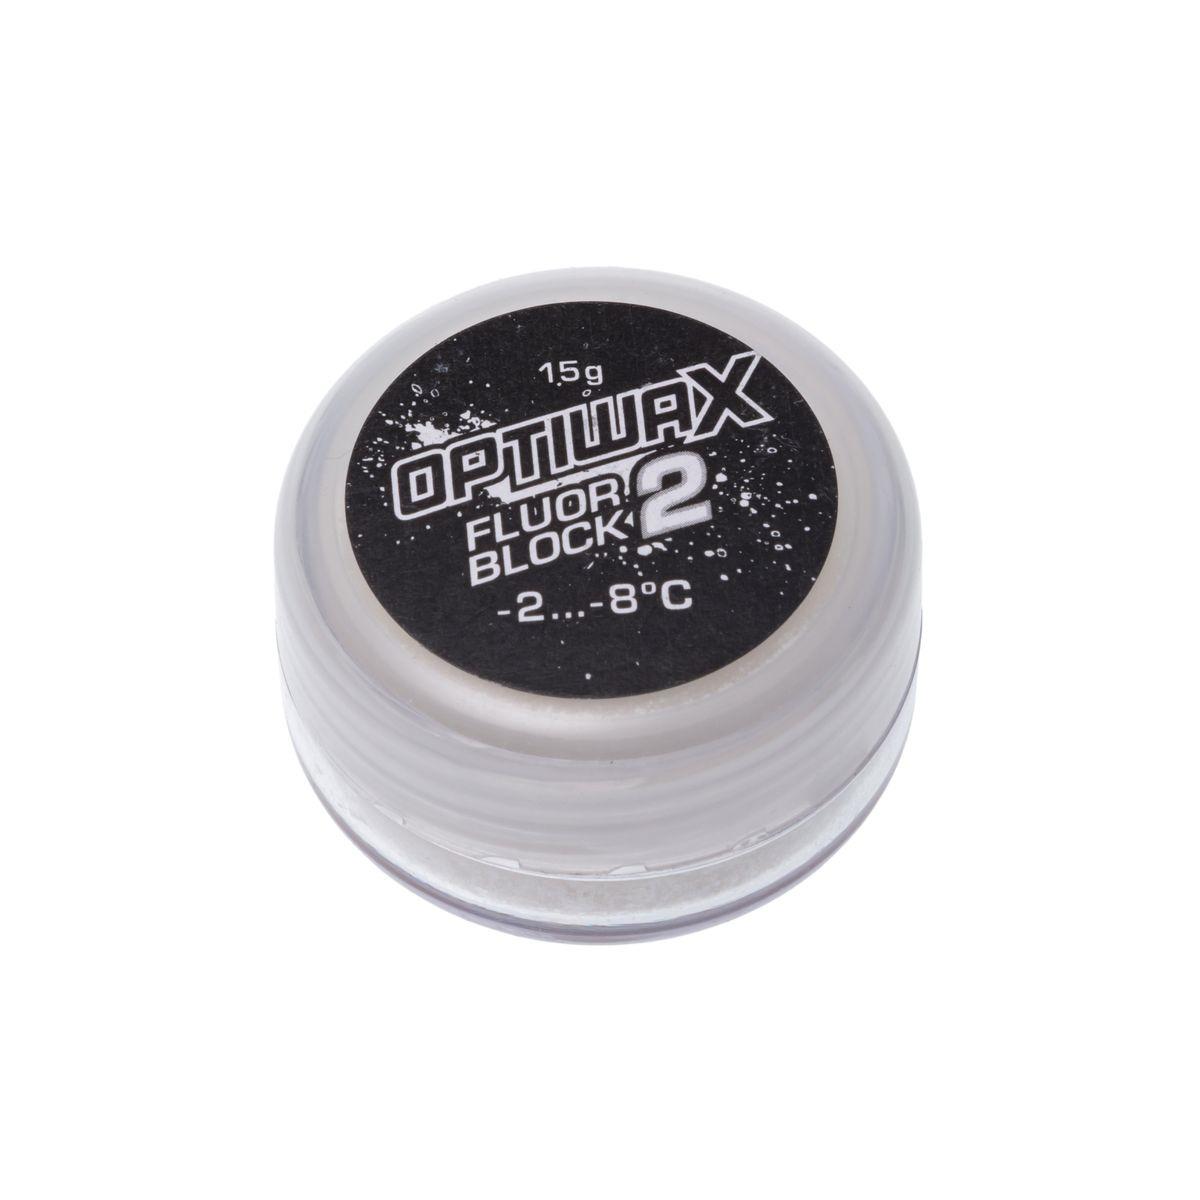 Фторовая спрессовка Optiwax Fluor Block 2, 40020151, 15 г